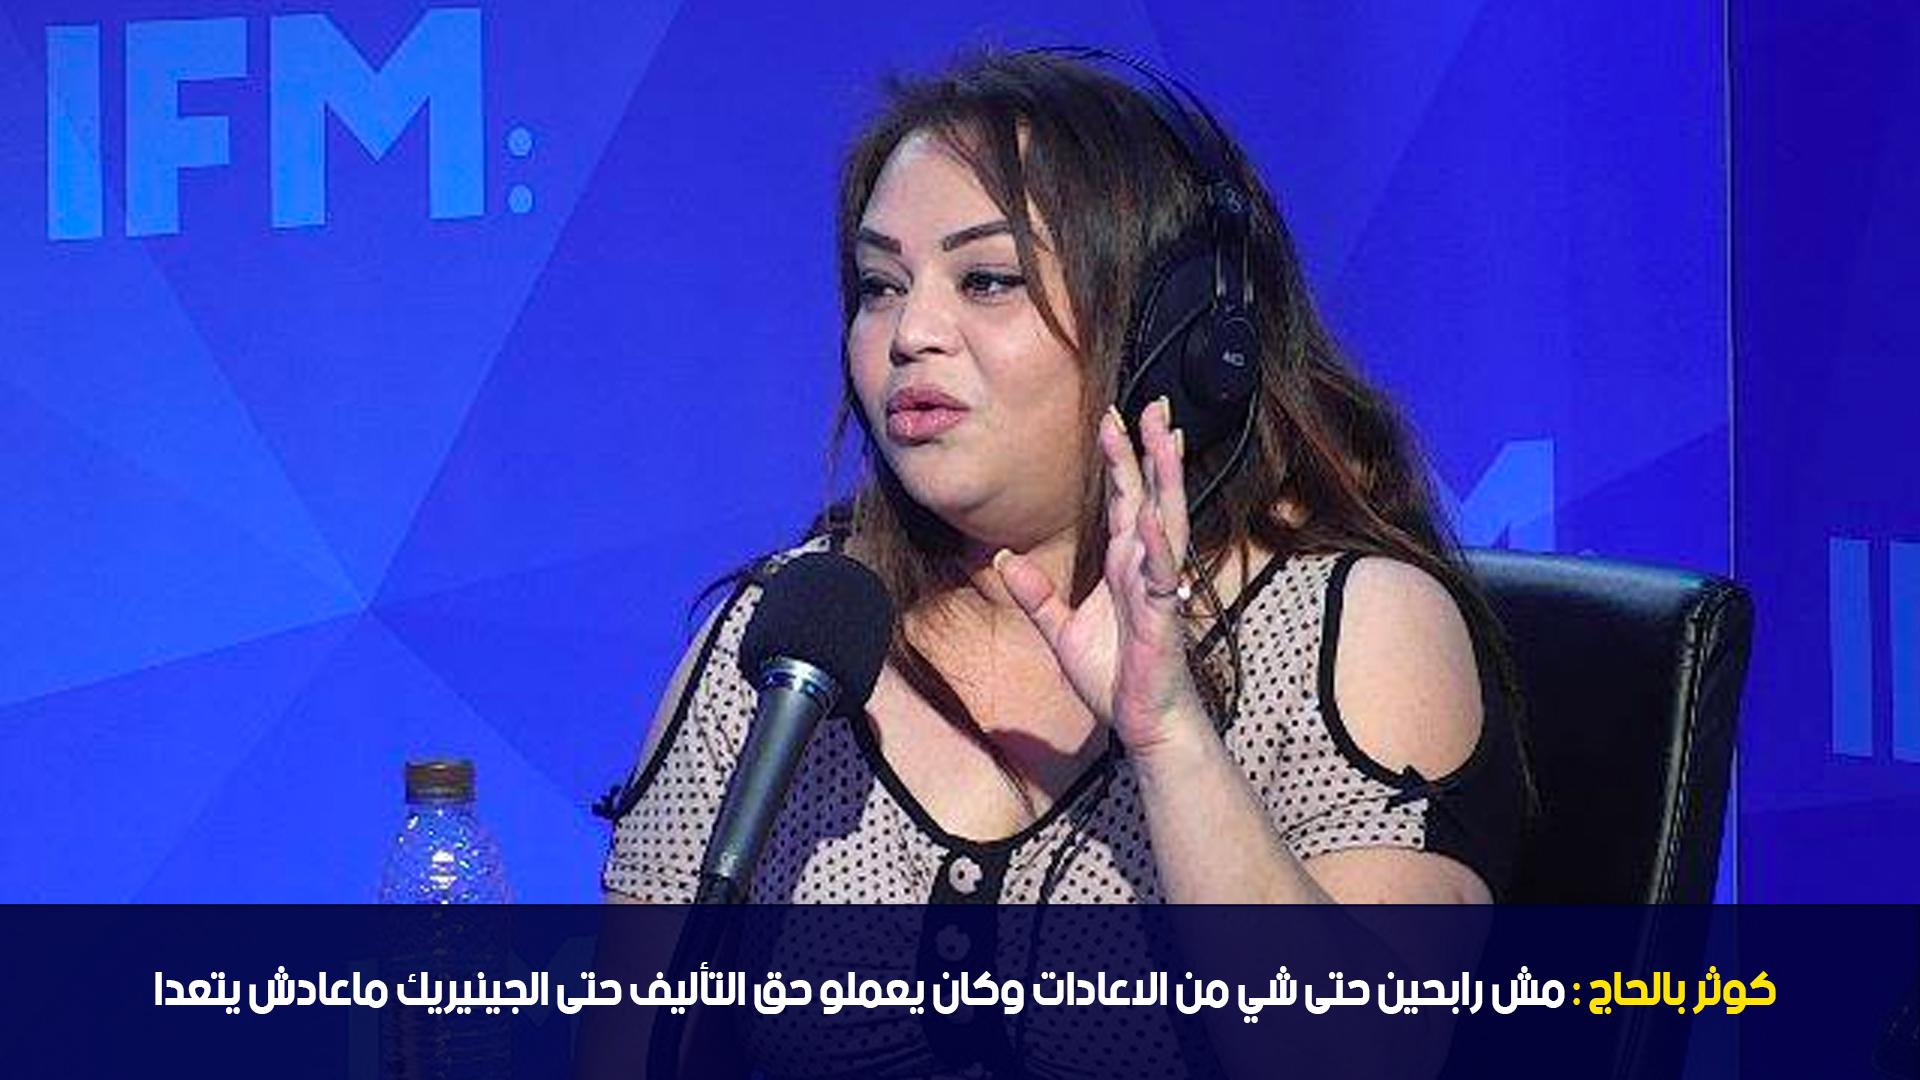 كوثر بالحاج:مش رابحين حتى شي من الاعادات وكان يعملو حق التأليف حتى الجينيريك ماعادش يتعدا